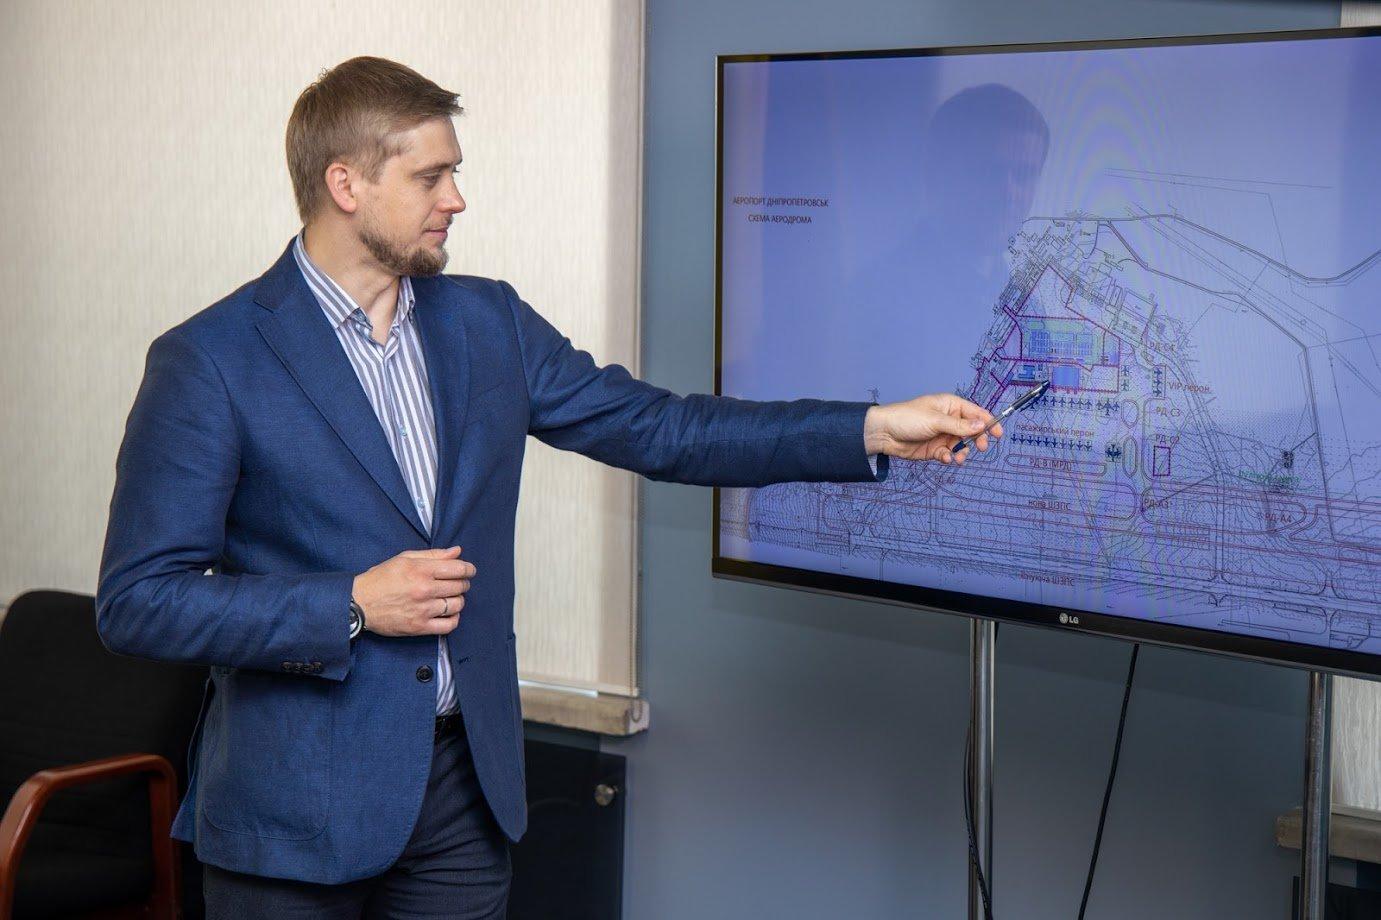 Компания, которая построит аэропорт под Днепром, получила землю в аренду, фото-3